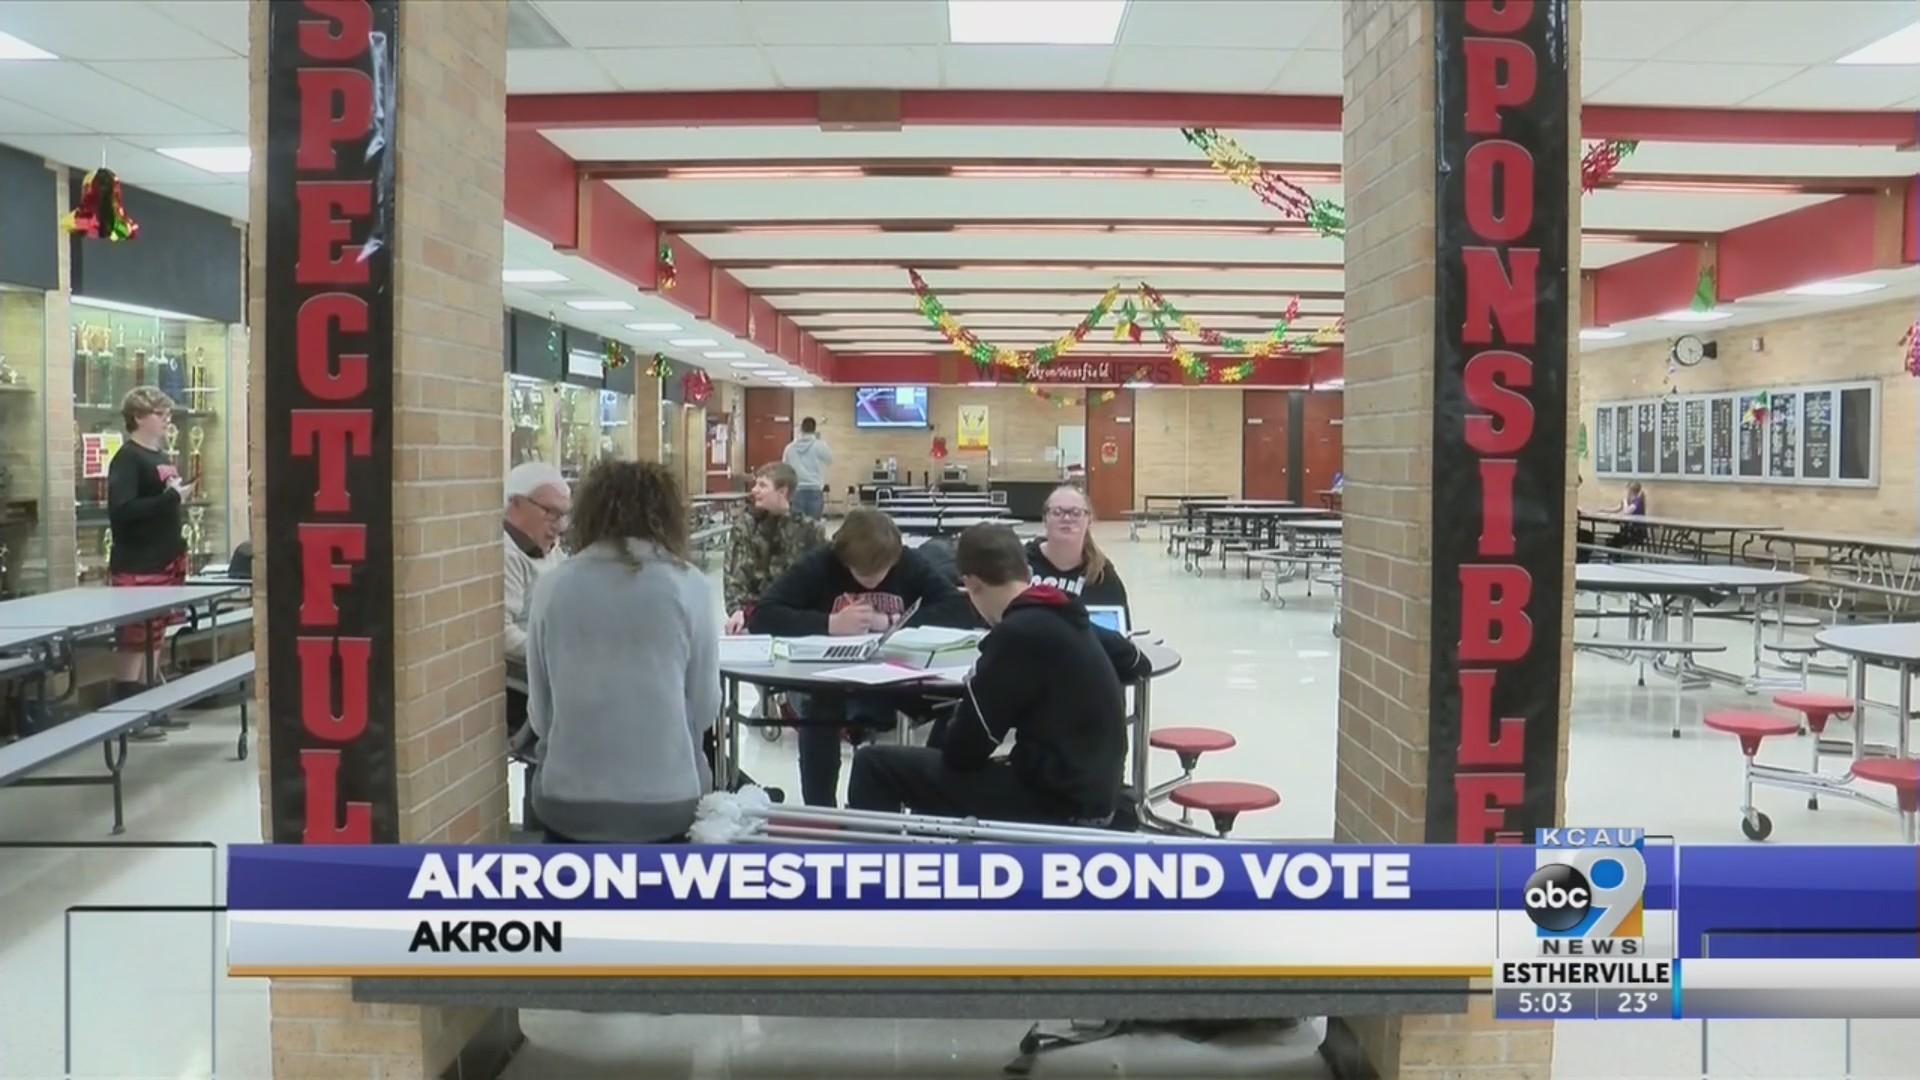 Third Vote on Akron-Westfield Bond